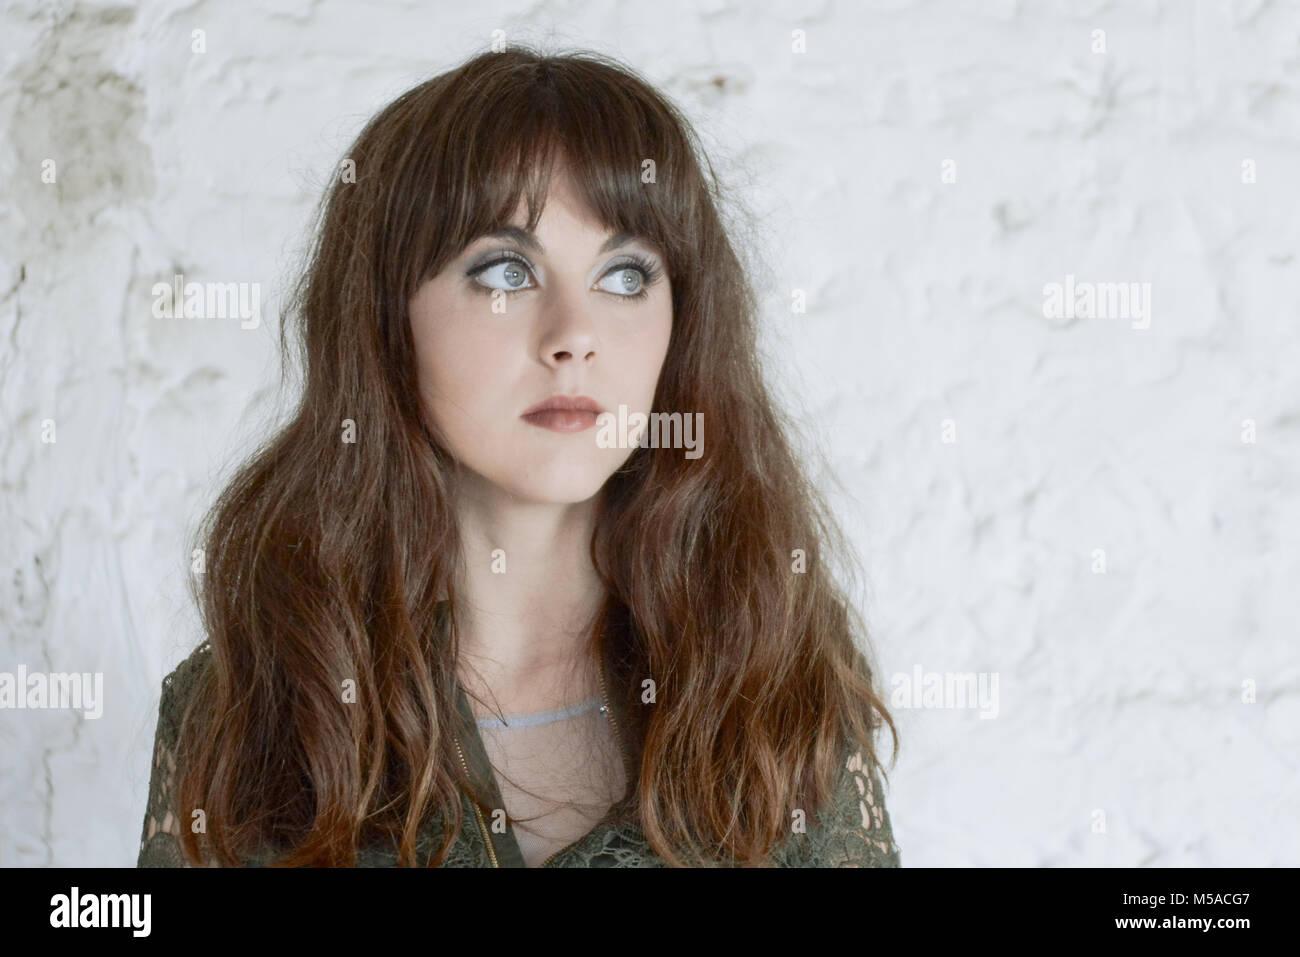 Female Long Dark Hair Fringe Eyes Stock Photos Female Long Dark